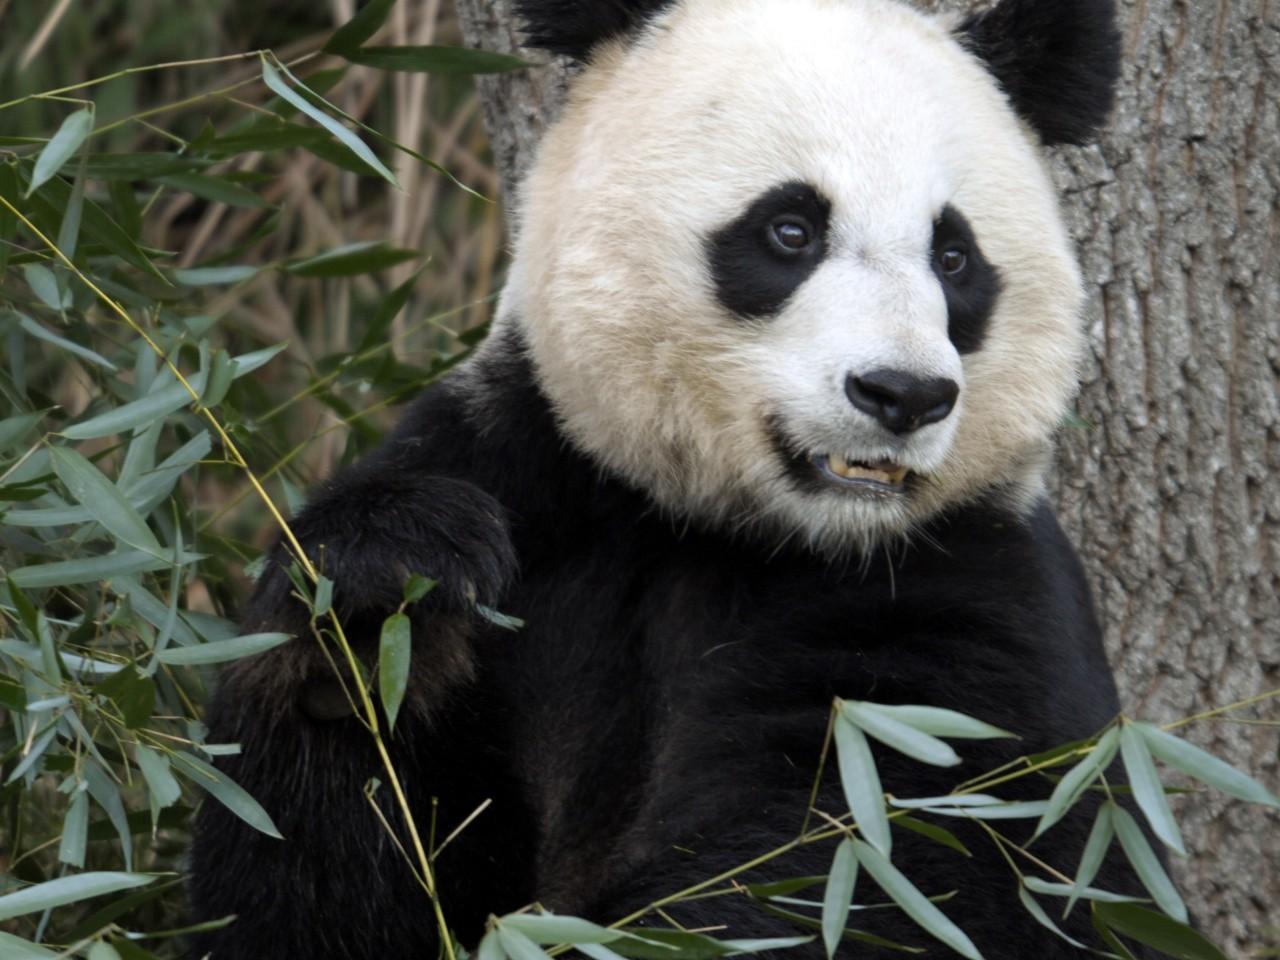 cute panda bears grizz...